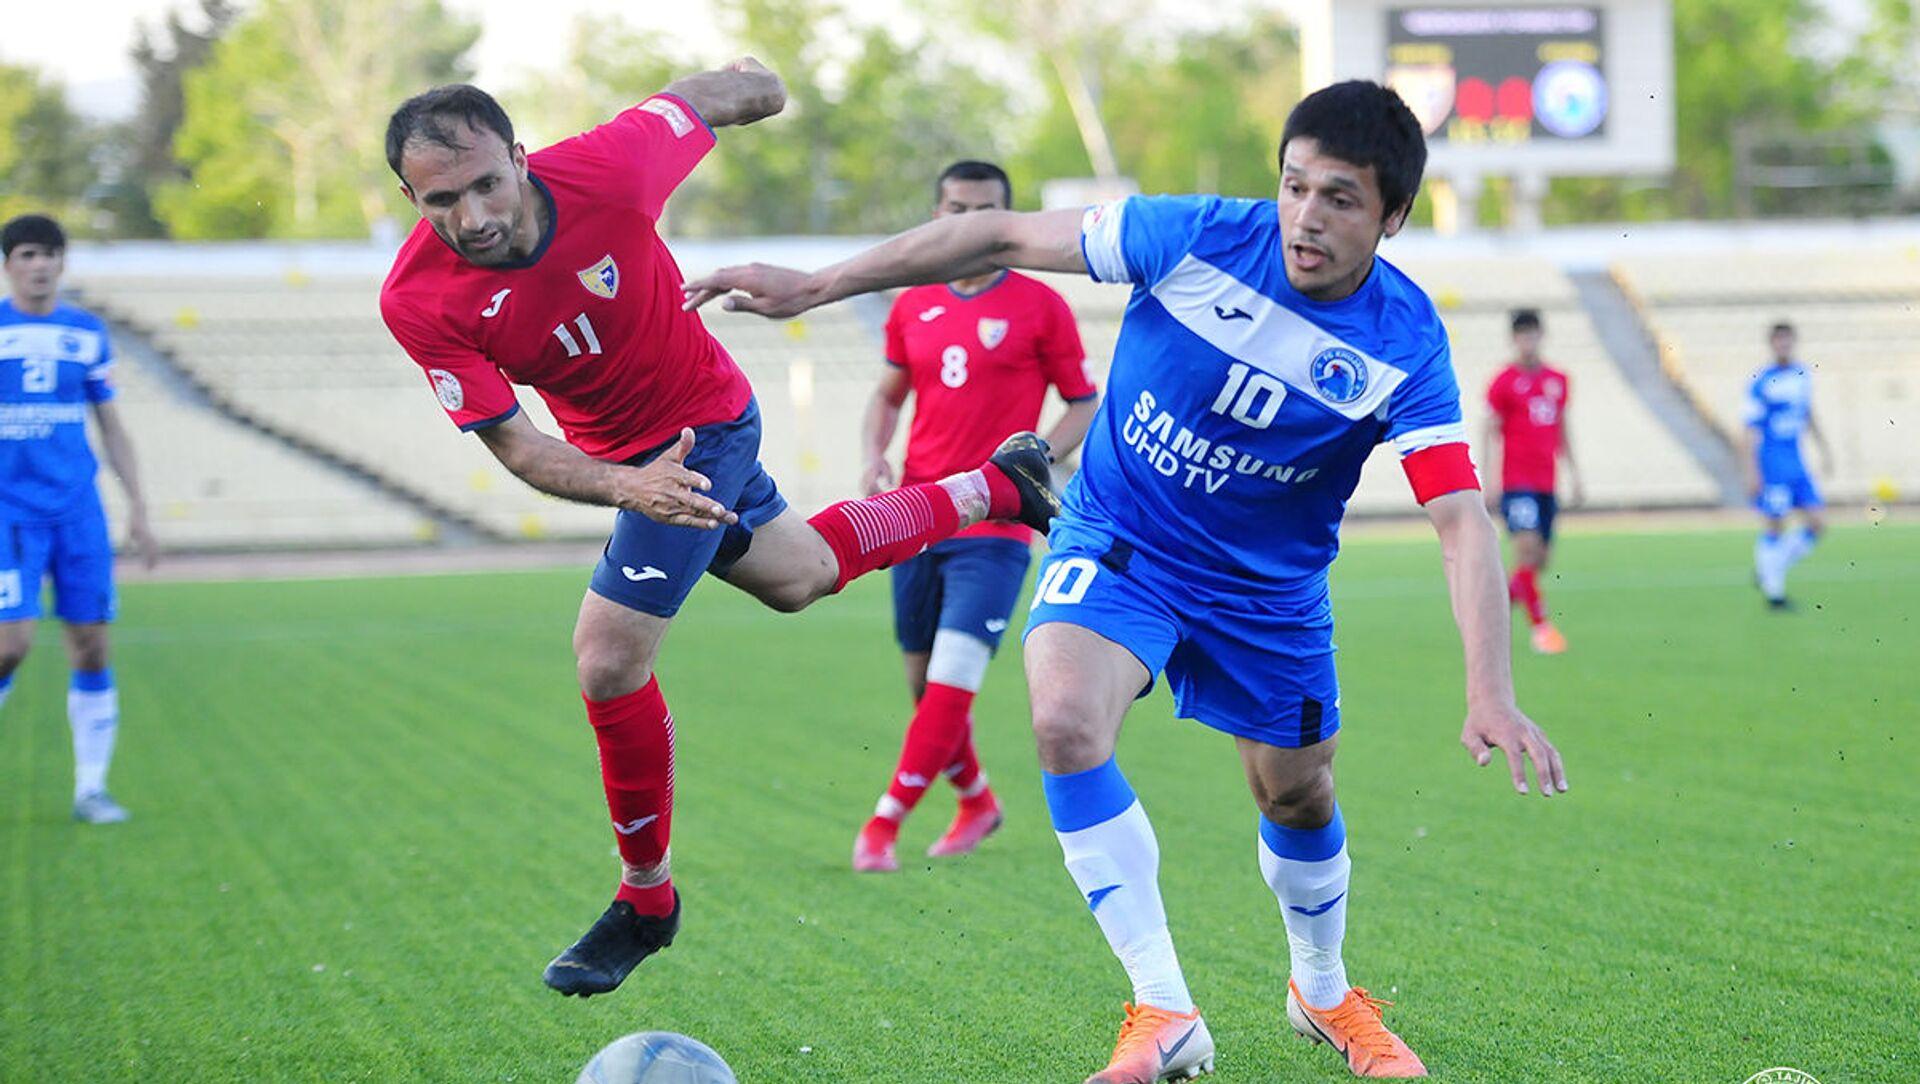 Футбольная лига Таджикистана опубликовала расписание оставшихся матчей первого круга чемпионата страны - Sputnik Таджикистан, 1920, 16.02.2021